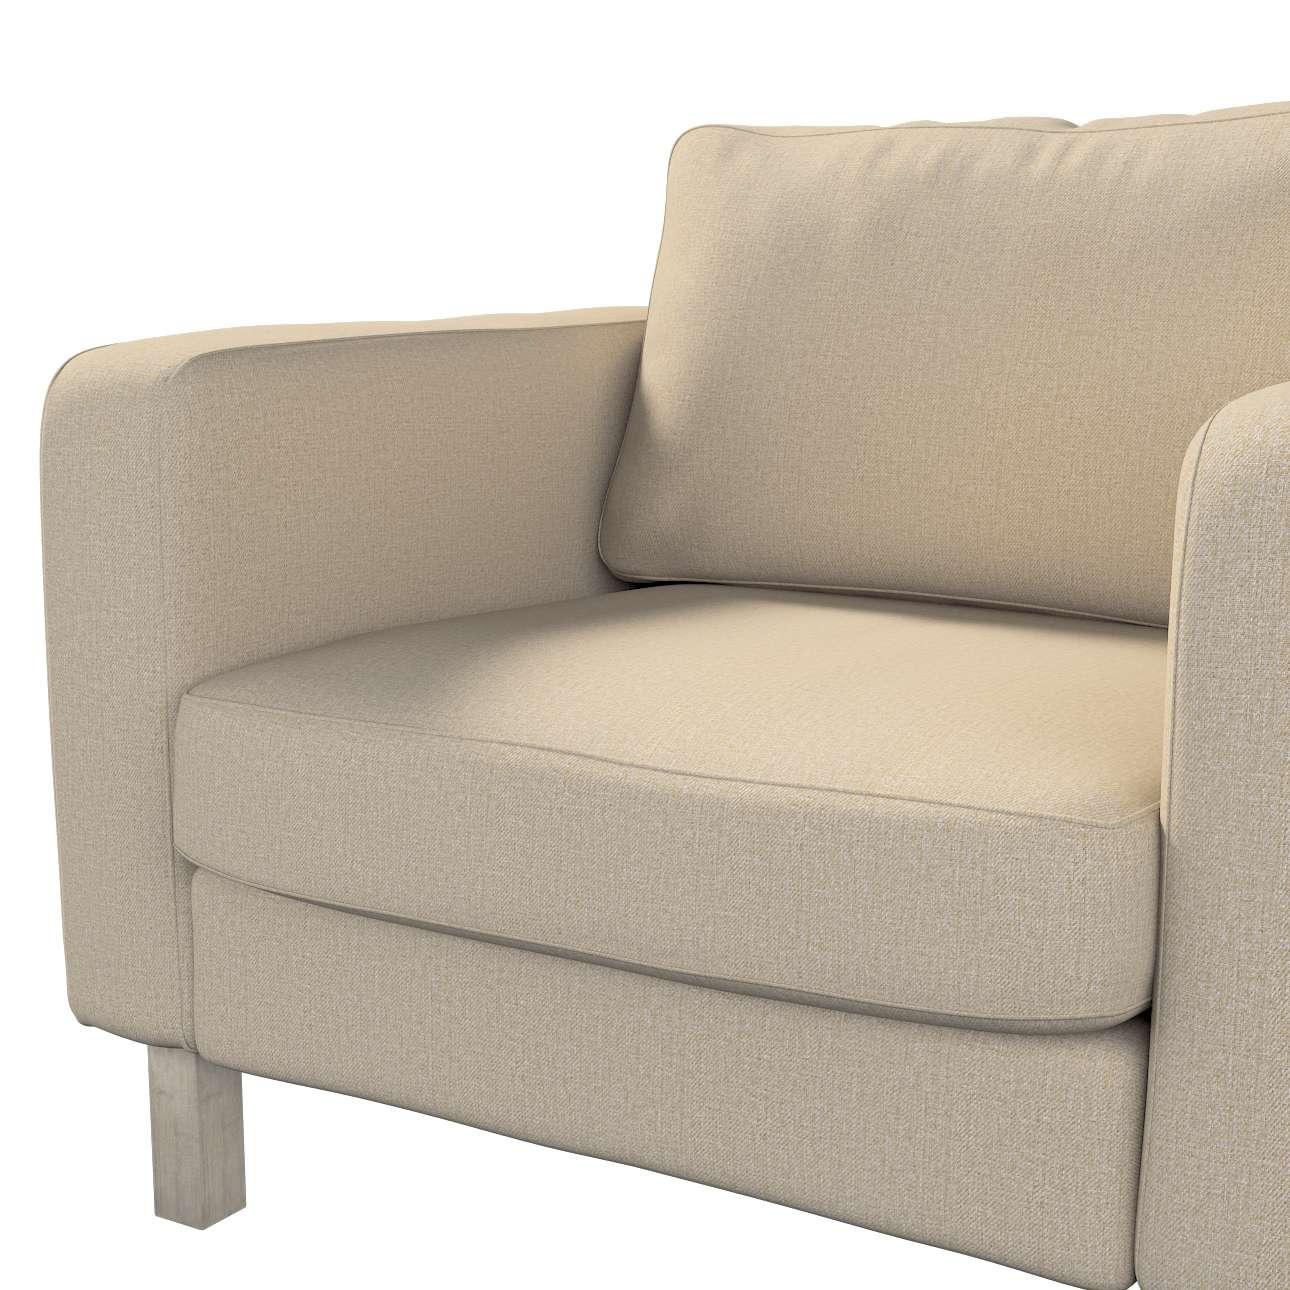 Pokrowiec na fotel Karlstad, krótki w kolekcji Edinburgh, tkanina: 115-78